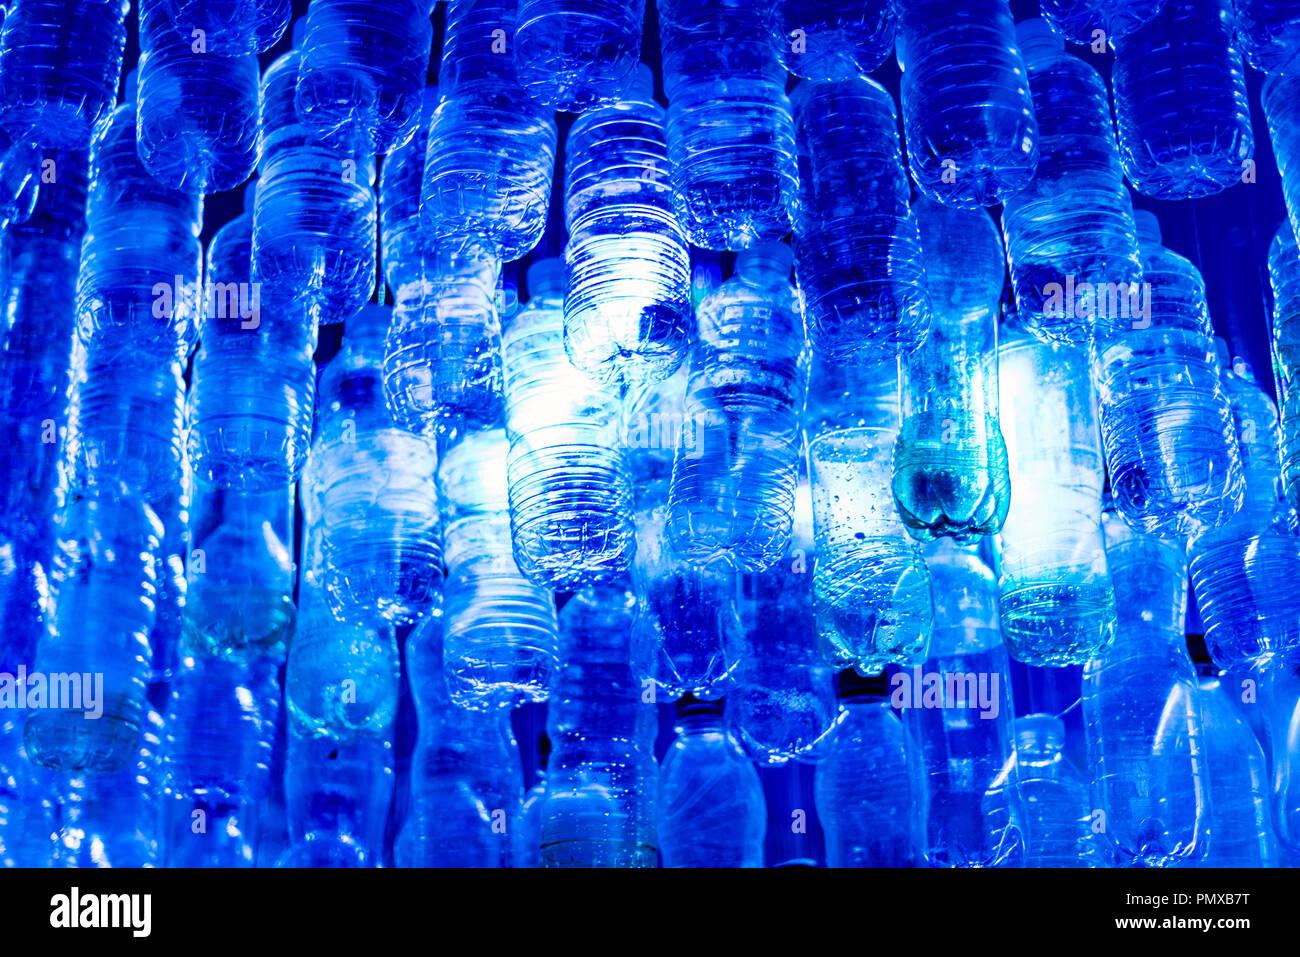 Installation aus Flaschen vom Ocean auf der Southampton Boat Show 2018 erholt, die die Menge an Kunststoffen in den Ozeanen. Stockbild